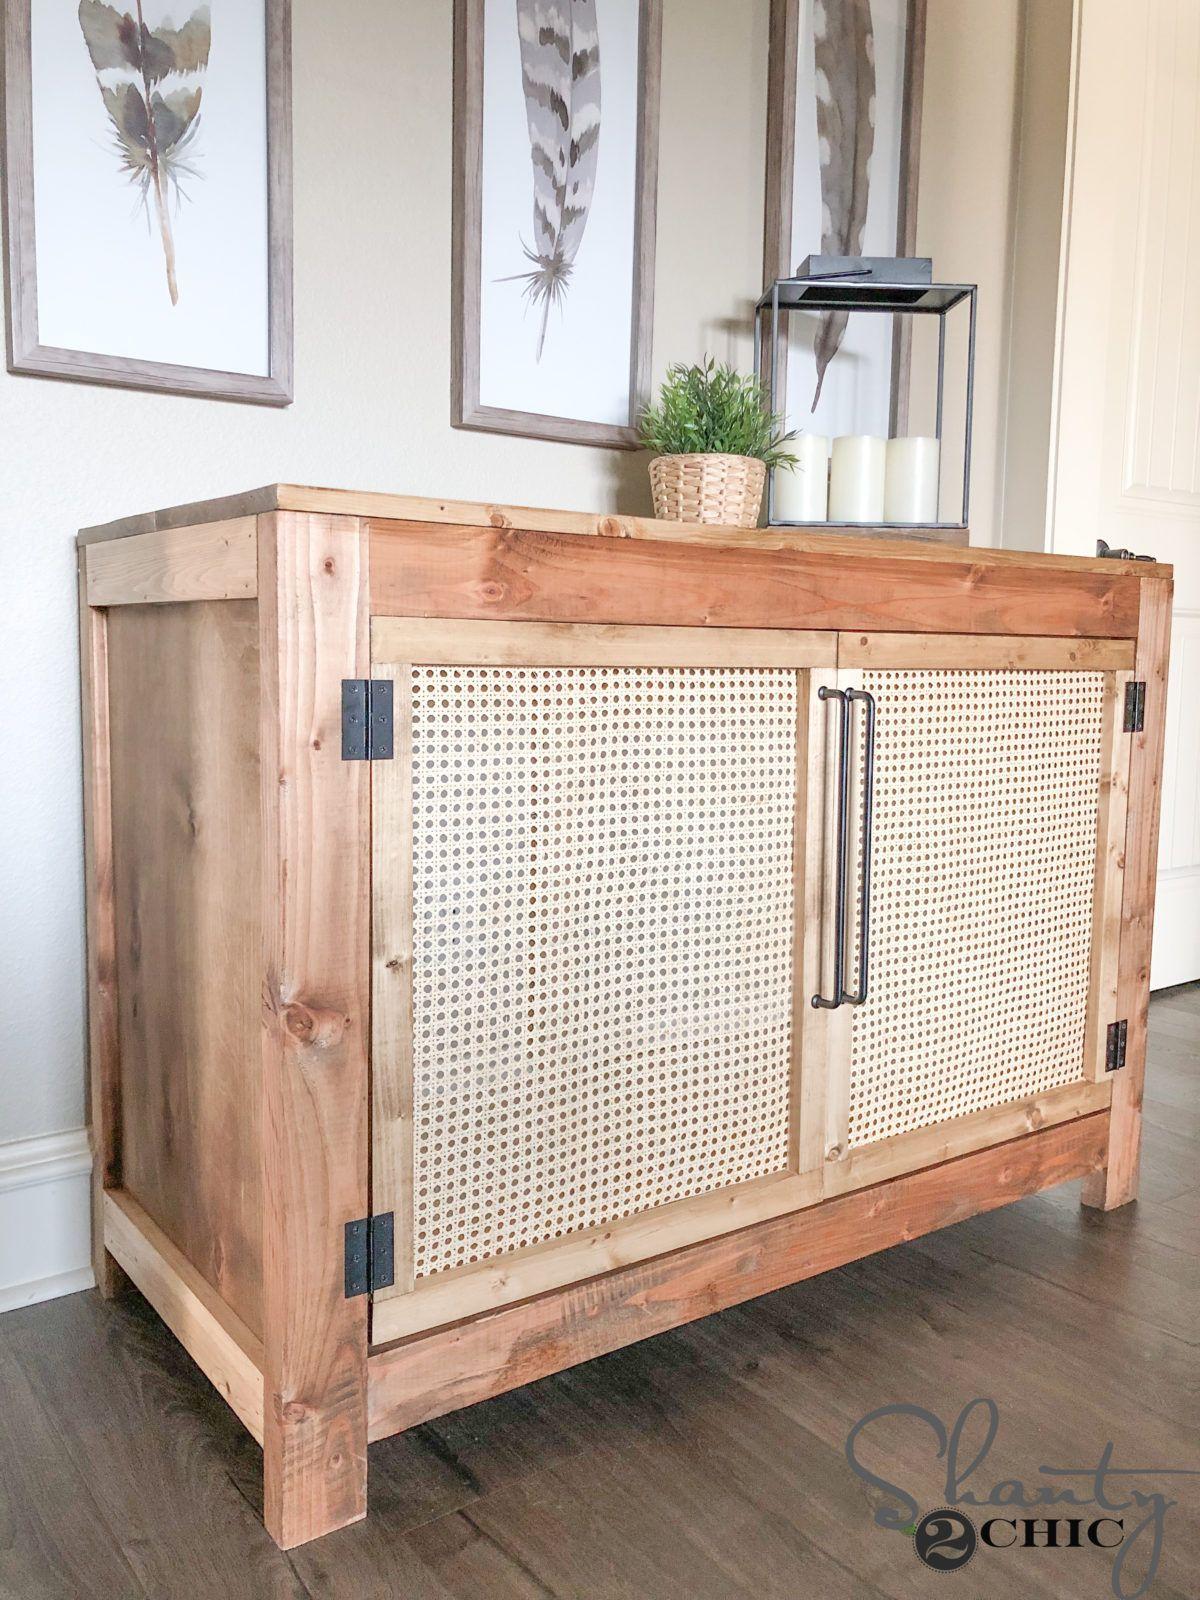 Diy Cane Cabinet Free Plans Free Furniture Plans Wood Furniture Diy Wood Furniture Plans